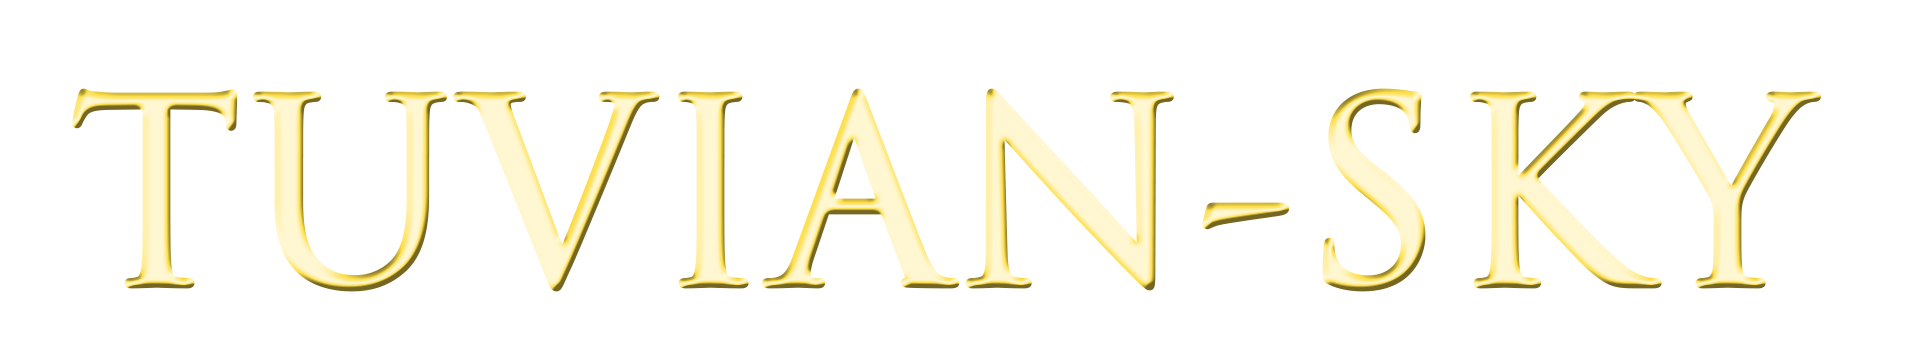 Tuvian-Sky Jewelry